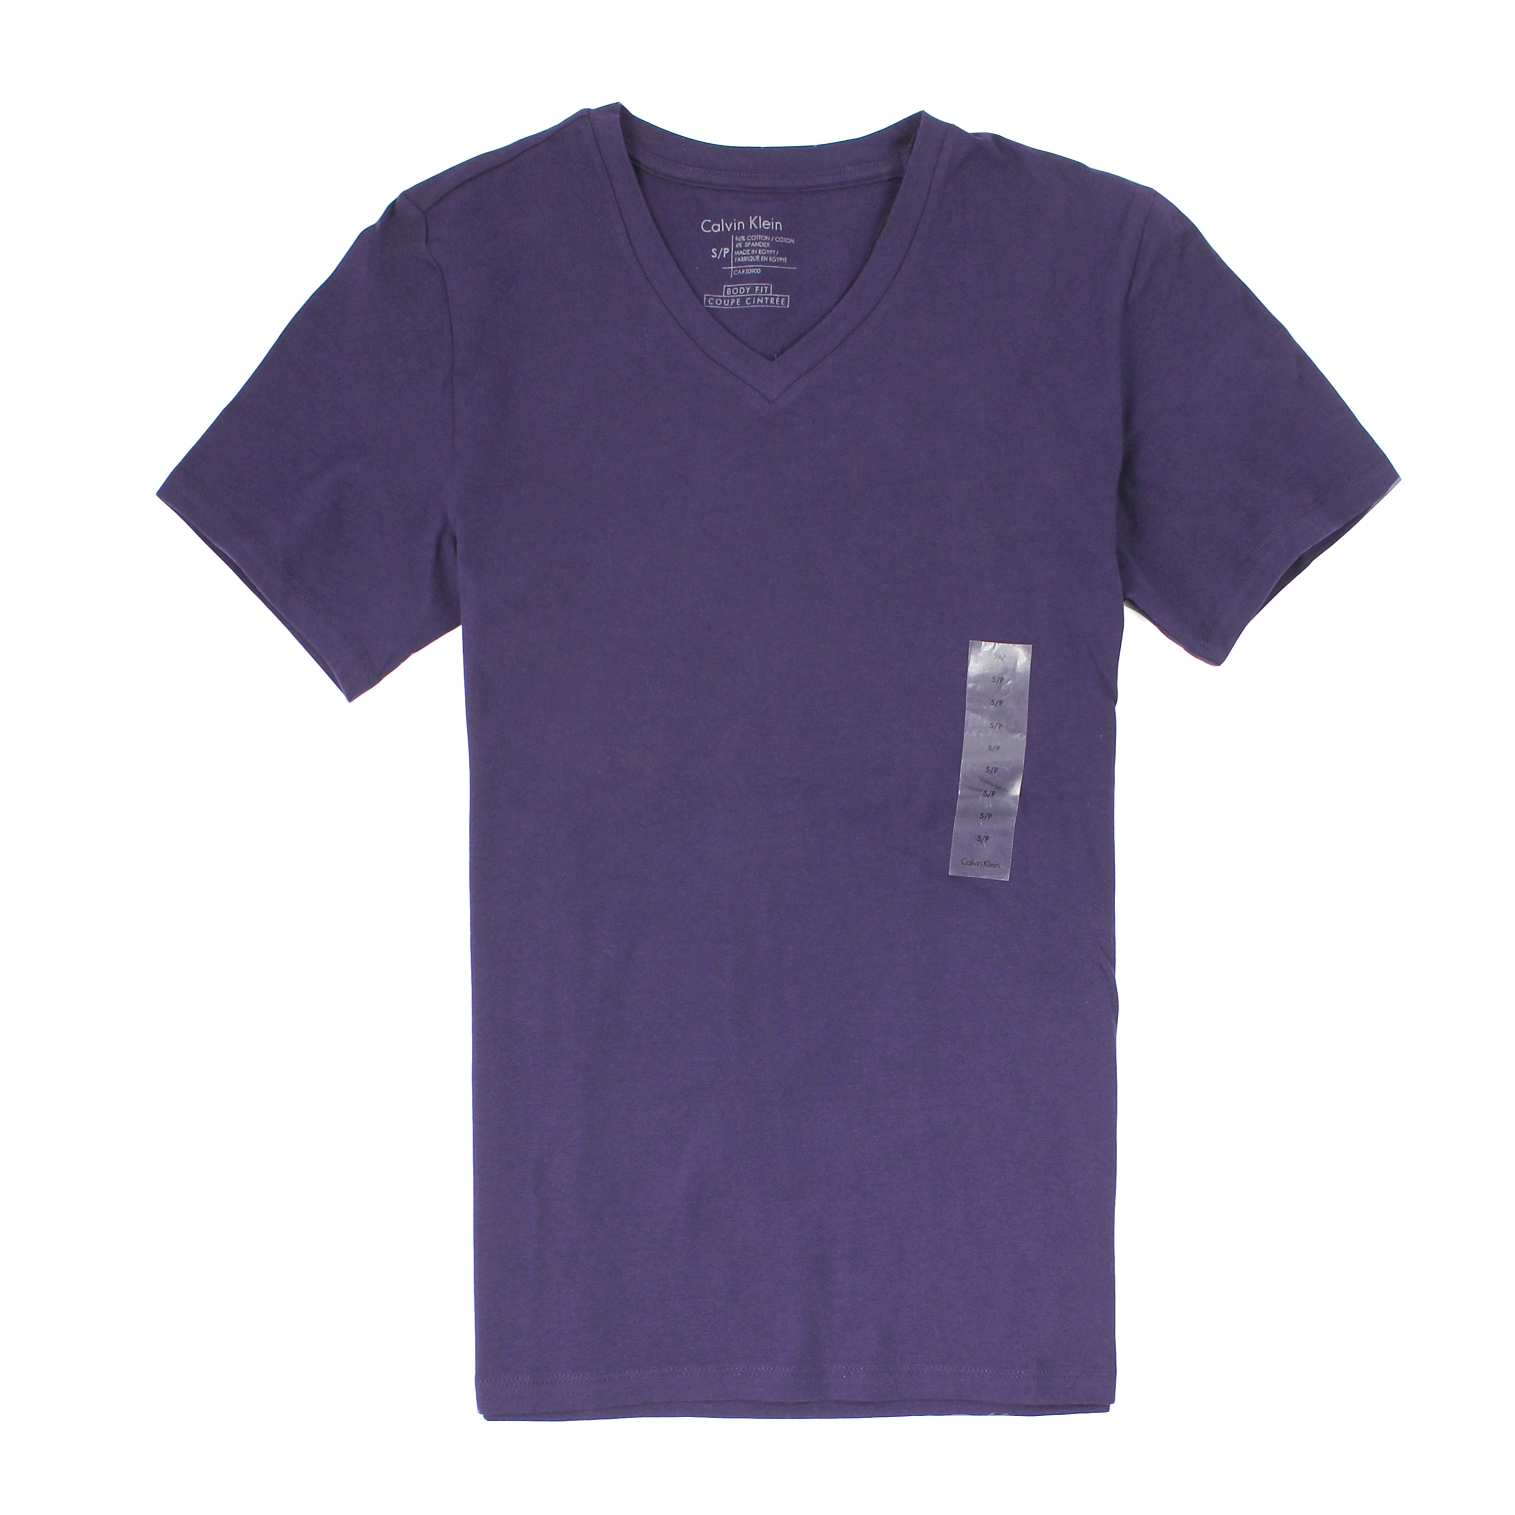 美國百分百【全新真品】Calvin Klein T恤 CK 短袖 上衣 T-shirt 短T 深紫 素面 V領 彈性 大尺 男 XS XL